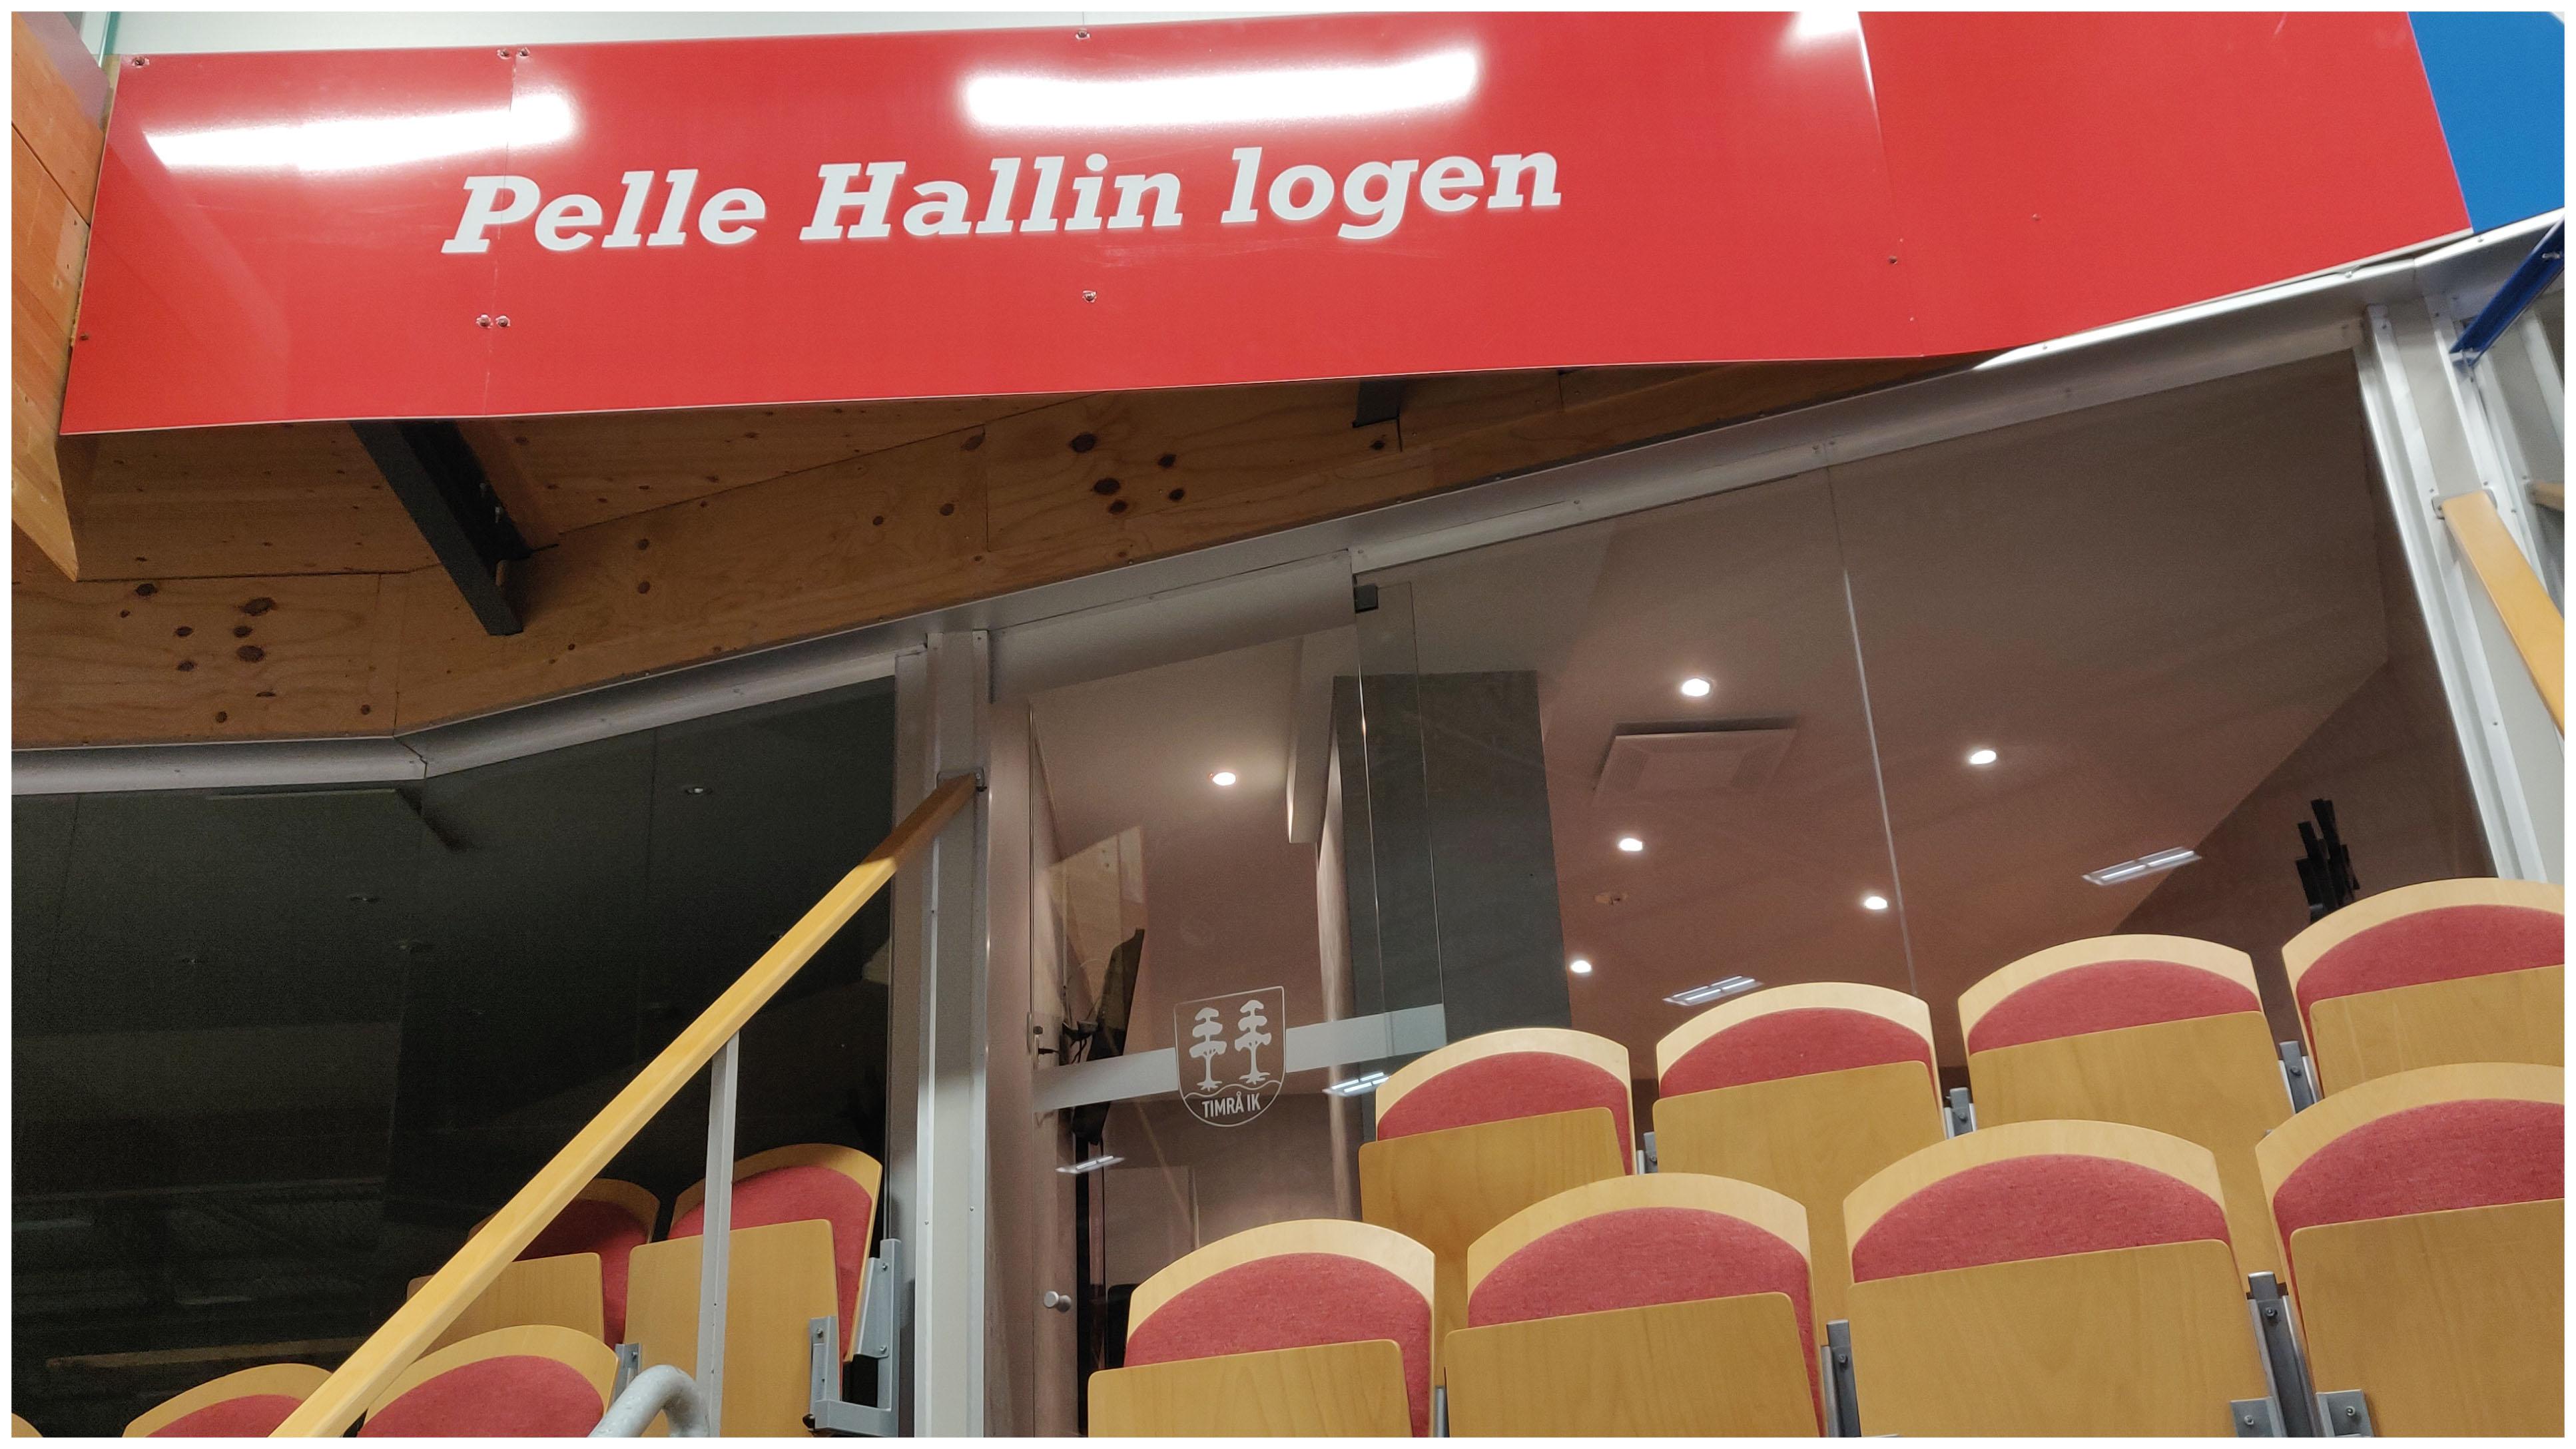 Sittplatser Per Hallin-Logen